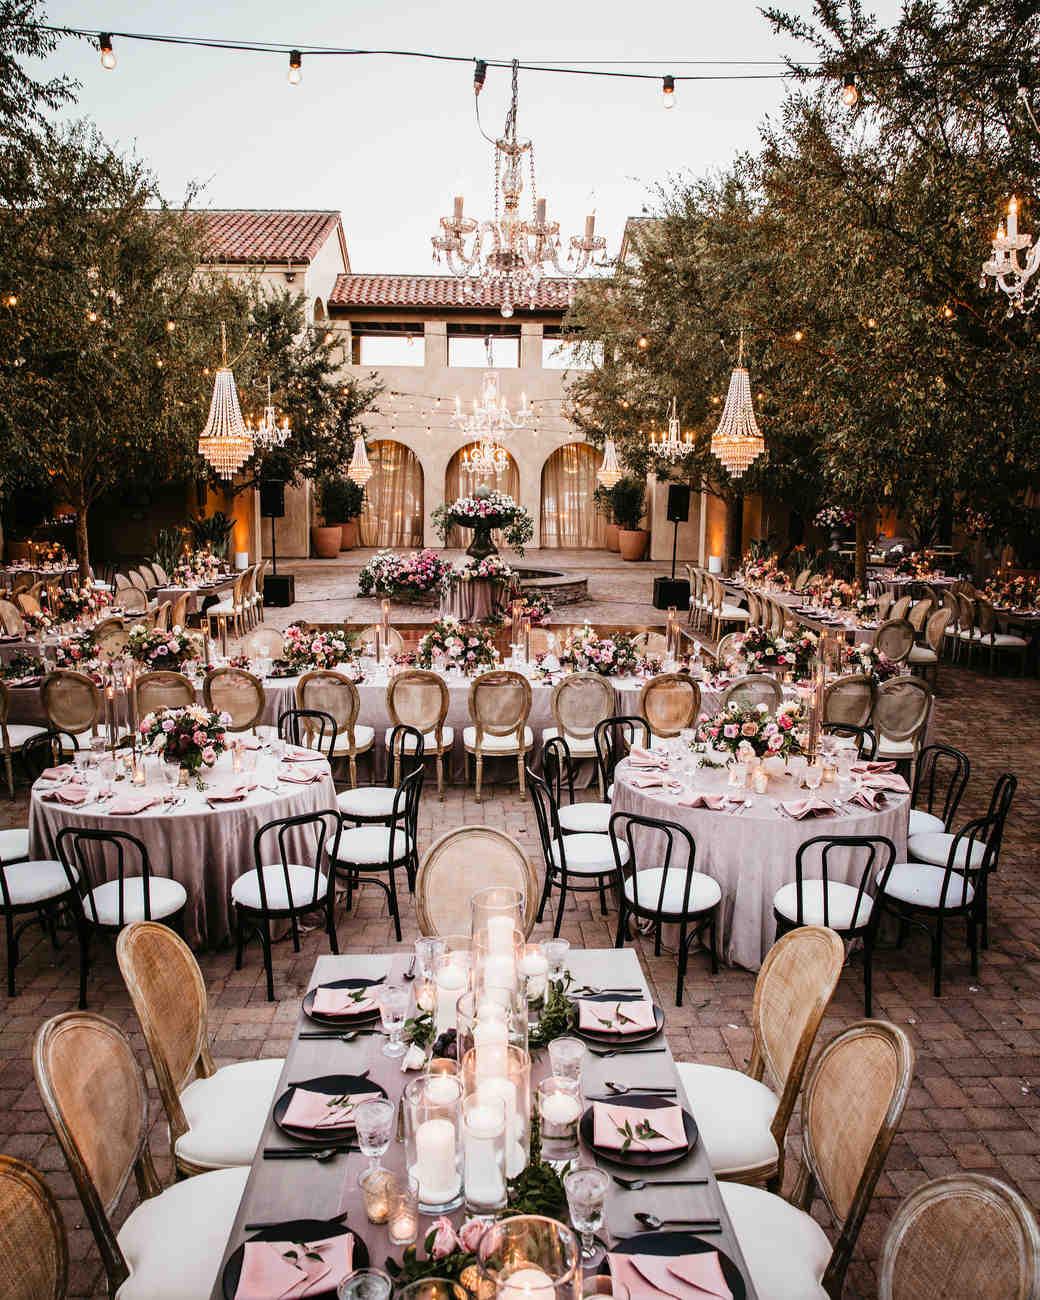 ceremony space venue courtyard reception area